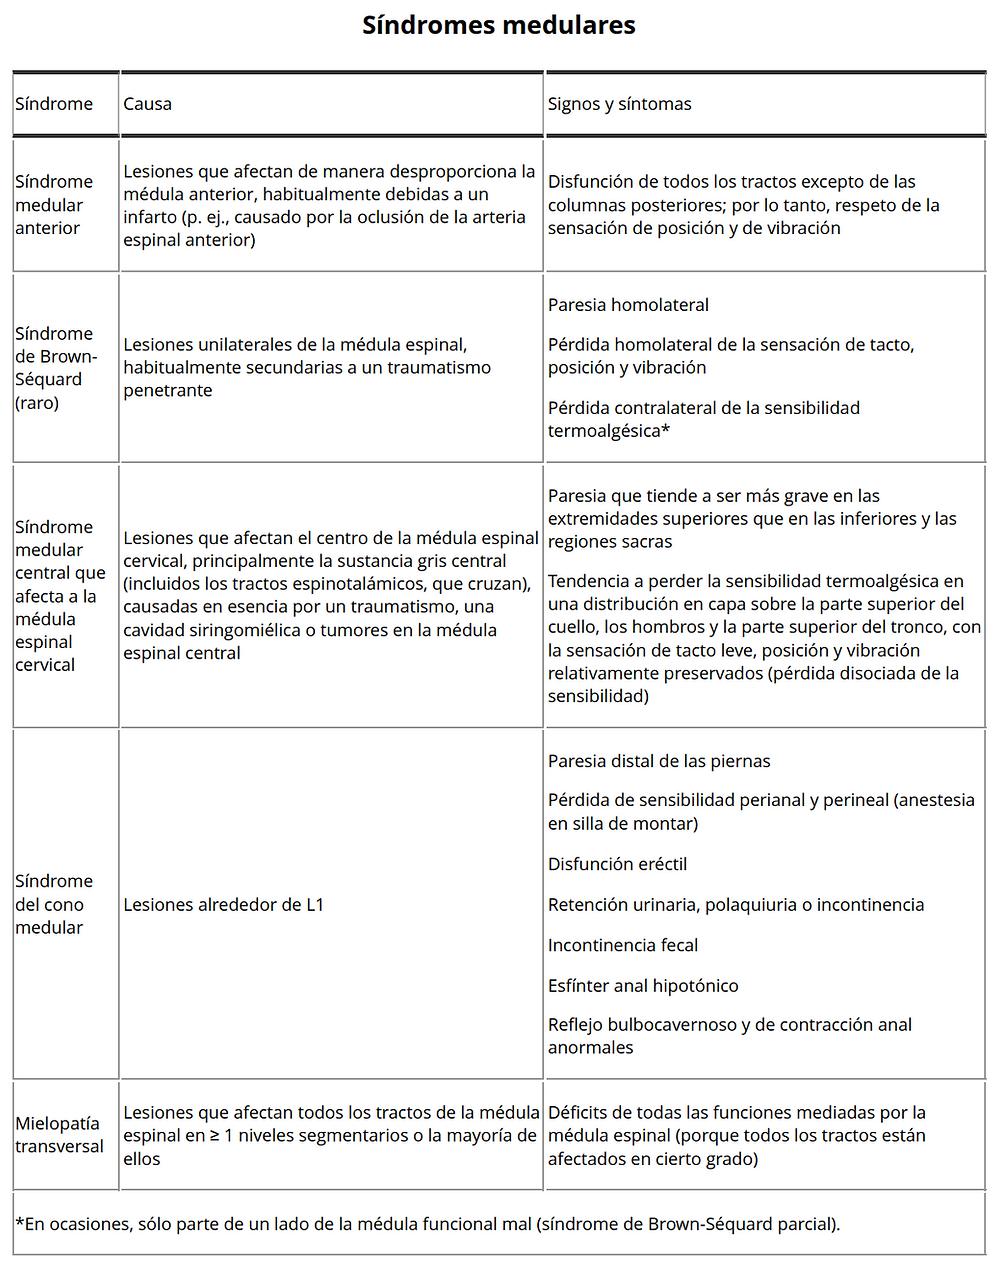 síndromes medular